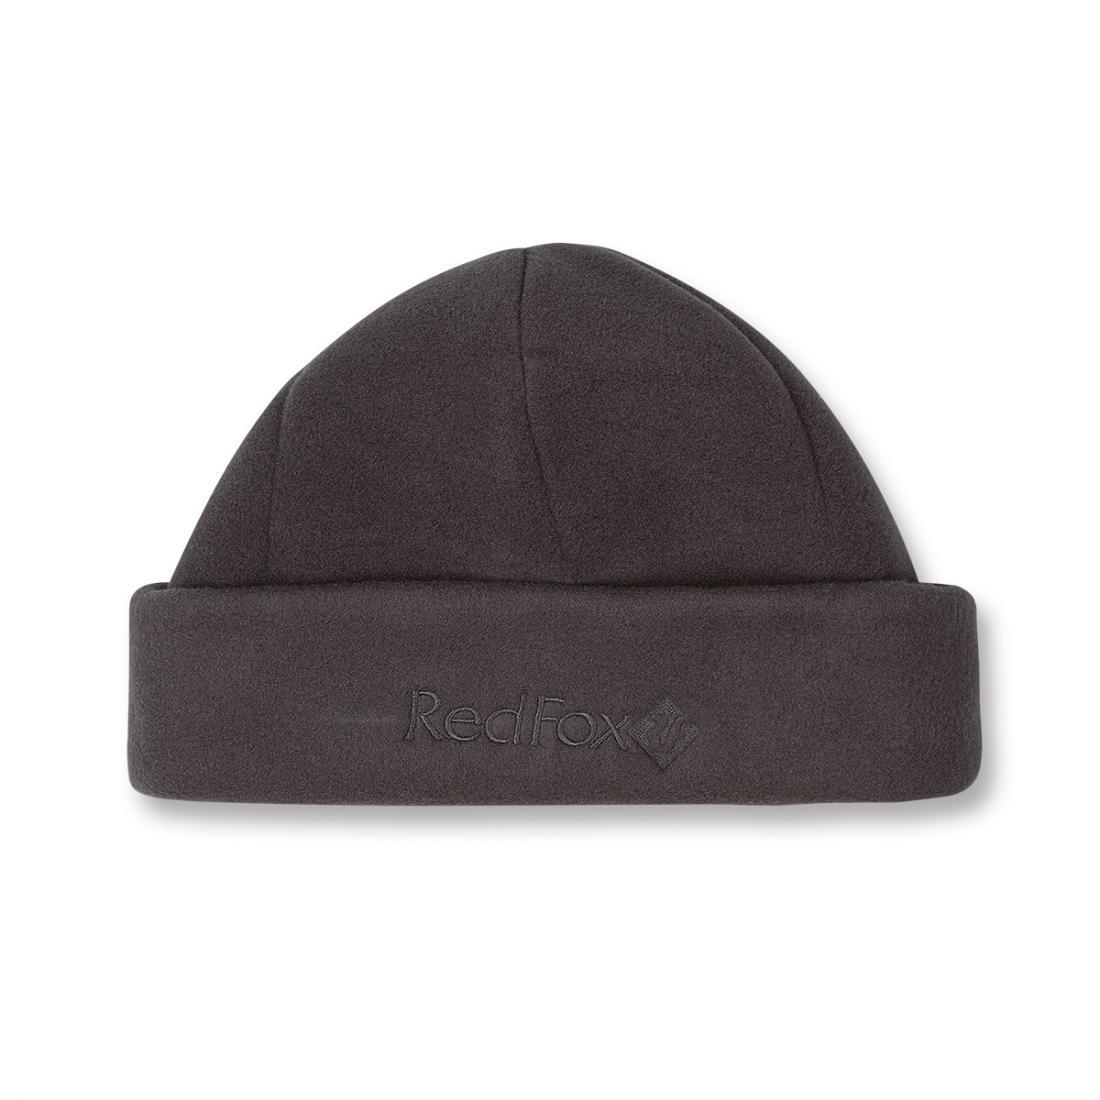 Шапка Polartec ClassicШапки<br><br> Теплая шапка классического дизайна из материала Polartec® 200<br><br><br> Основные характеристики<br><br><br>комфортная посадка<br>эргономичная конструкция кроя<br><br> Особенности<br><br><br><br><br><br>&lt;u...<br><br>Цвет: Темно-серый<br>Размер: 56